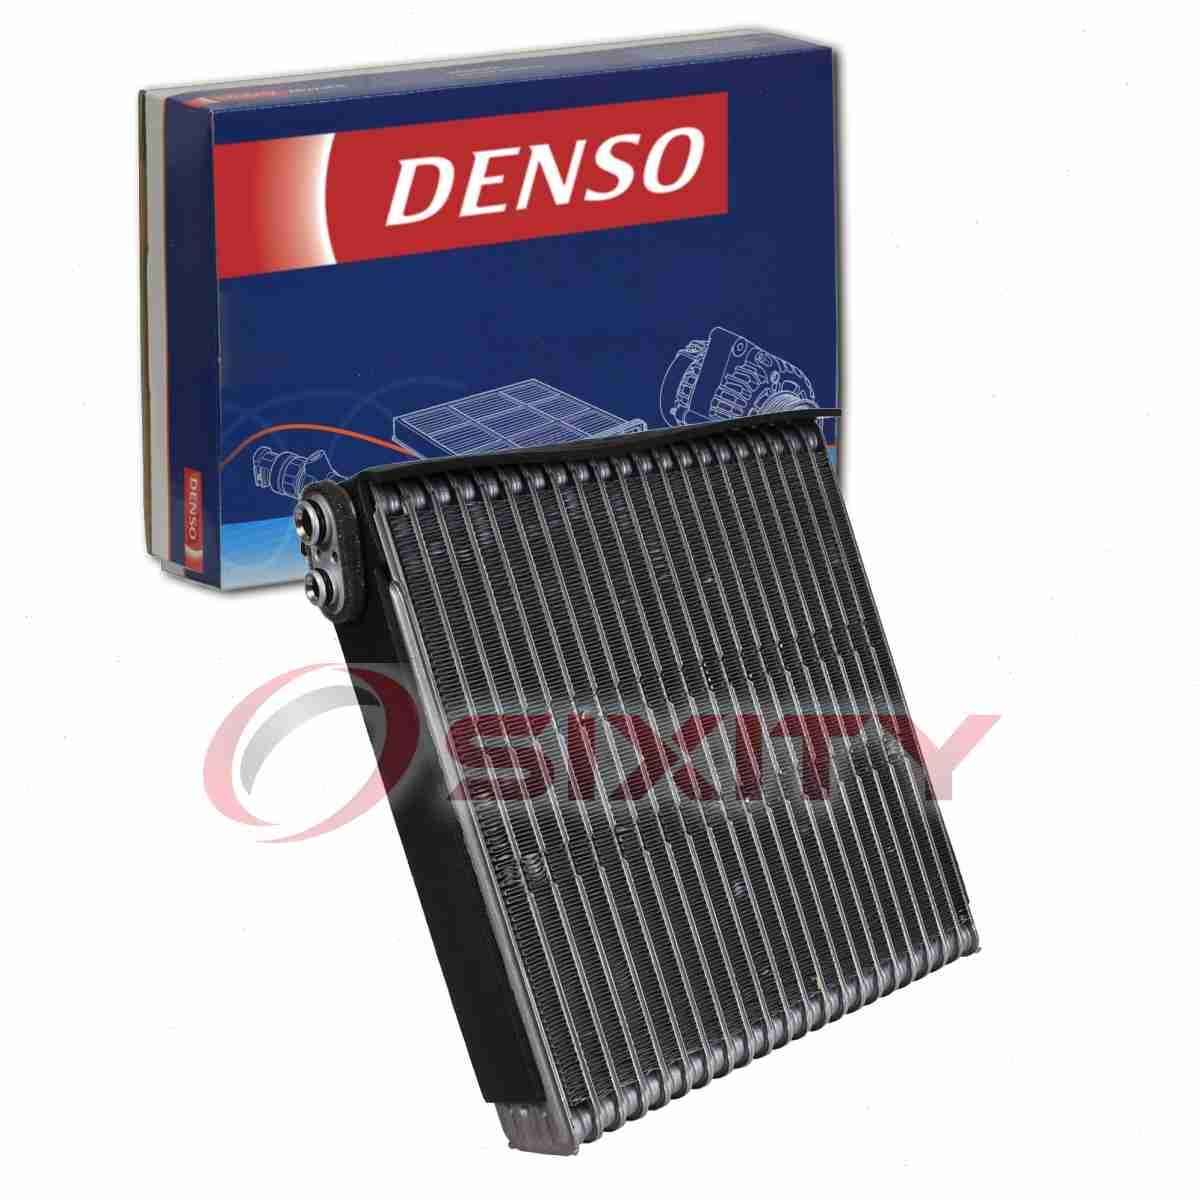 Denso 476-0032 AC Evaporator Core for 88501-3A050 88501-3A020 4711695 EV oy